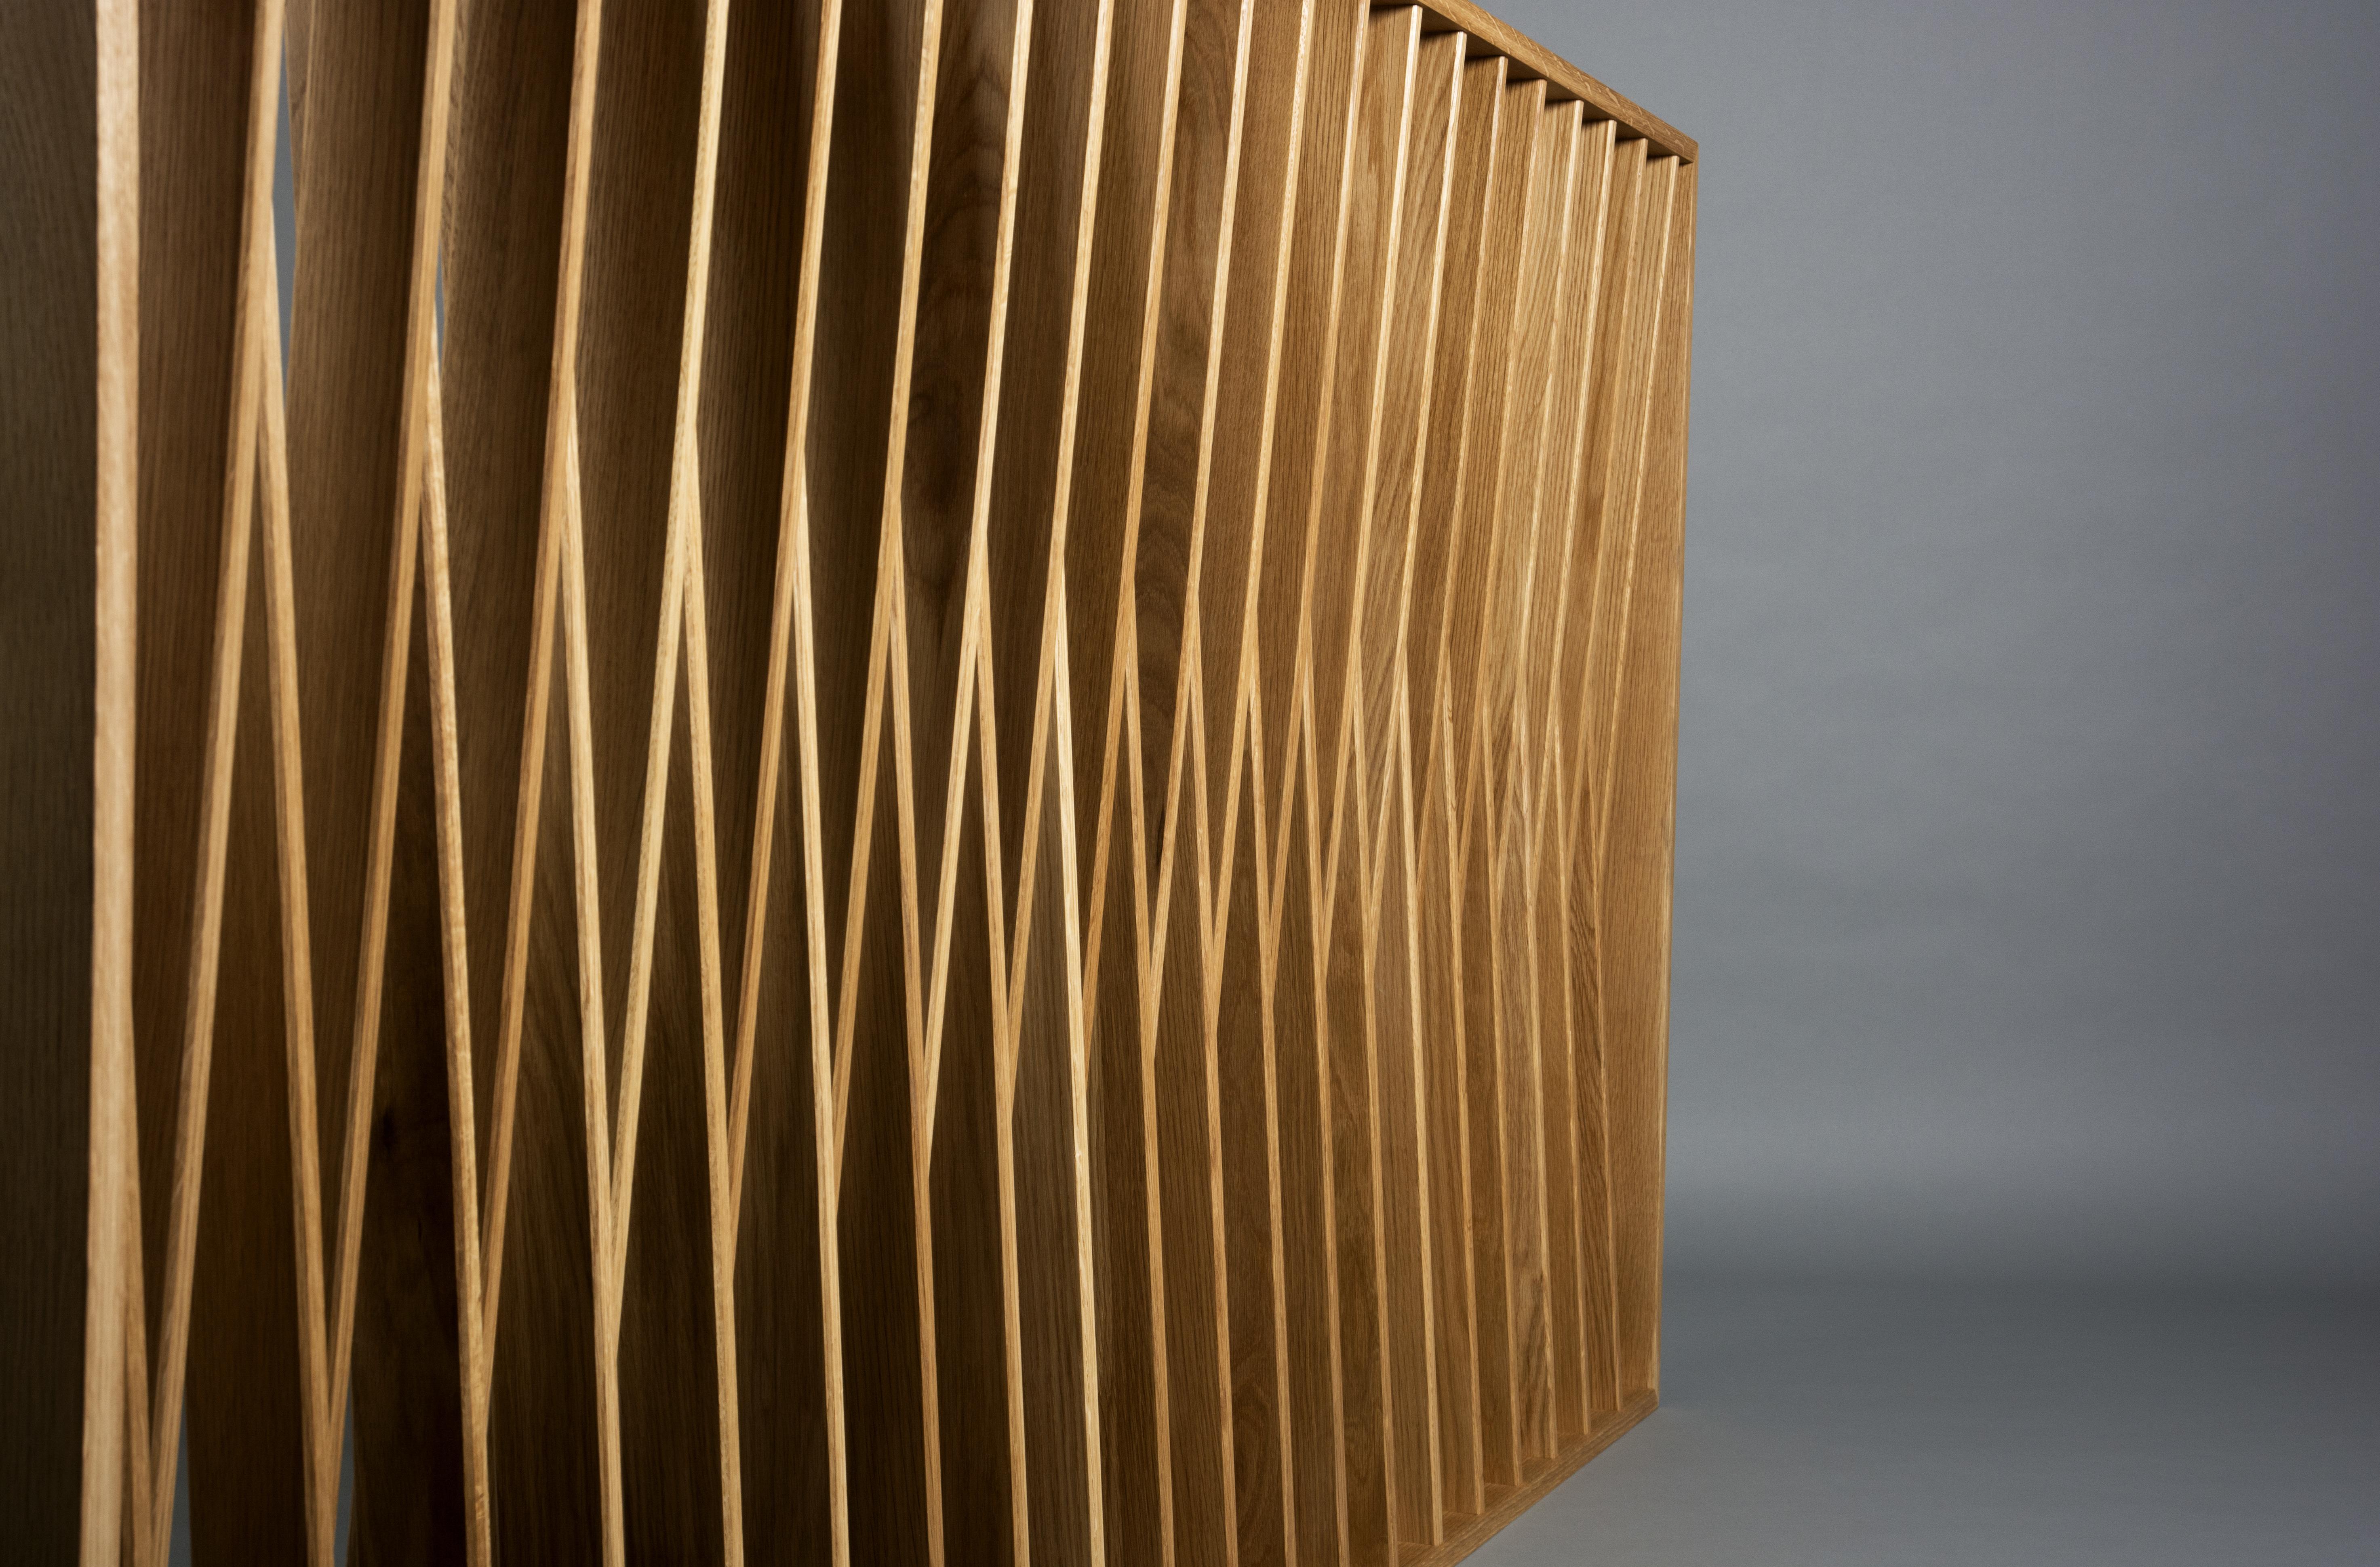 Oak room divider